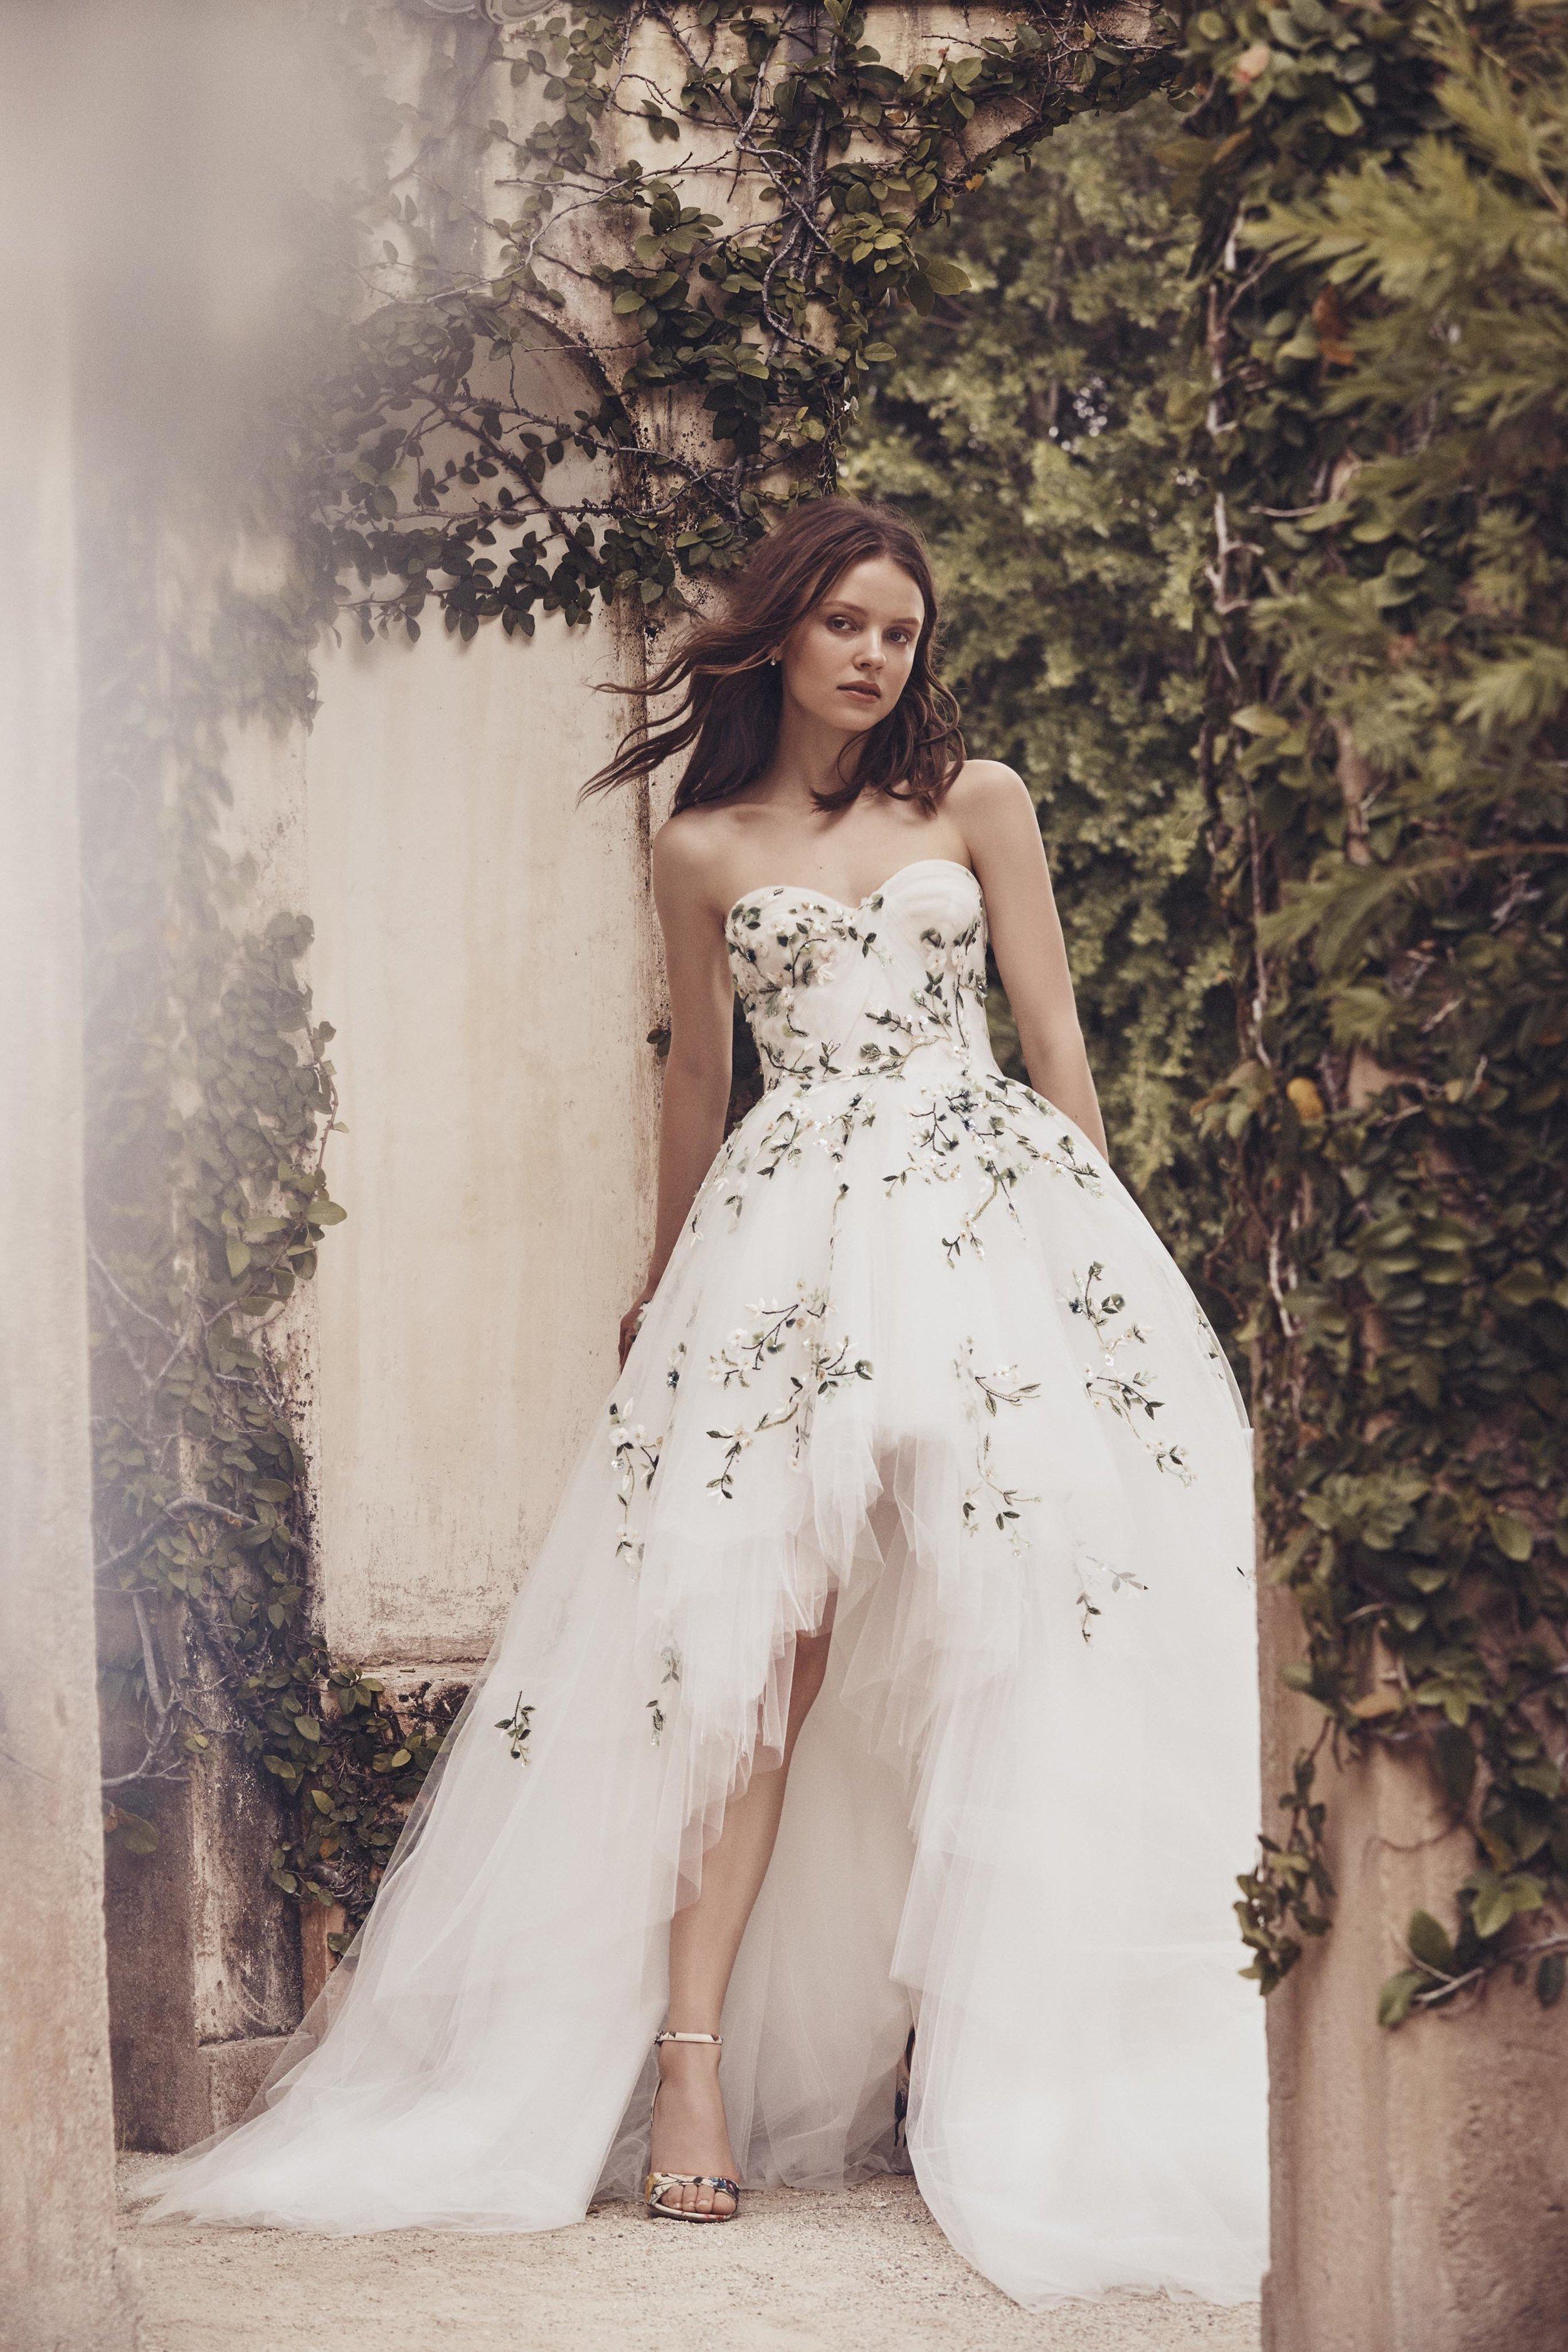 MoniqueLhuillier_Spring_2020_Bridal_Look_14_Tivoli.jpg